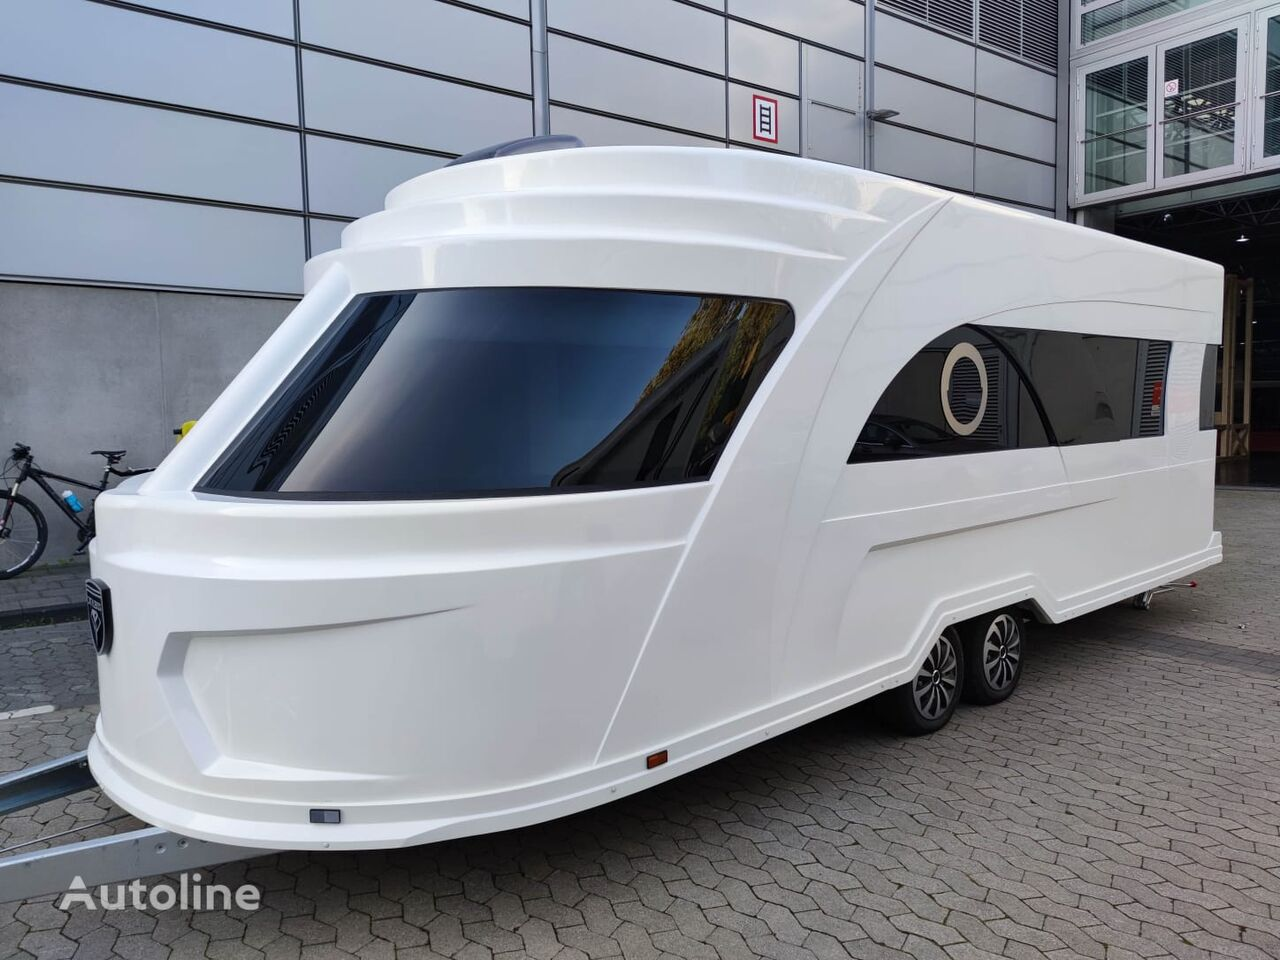 caravane  Derubis DERUBIS Series 7 / Monocoque / Wohnwagen wie eine Yacht neuve